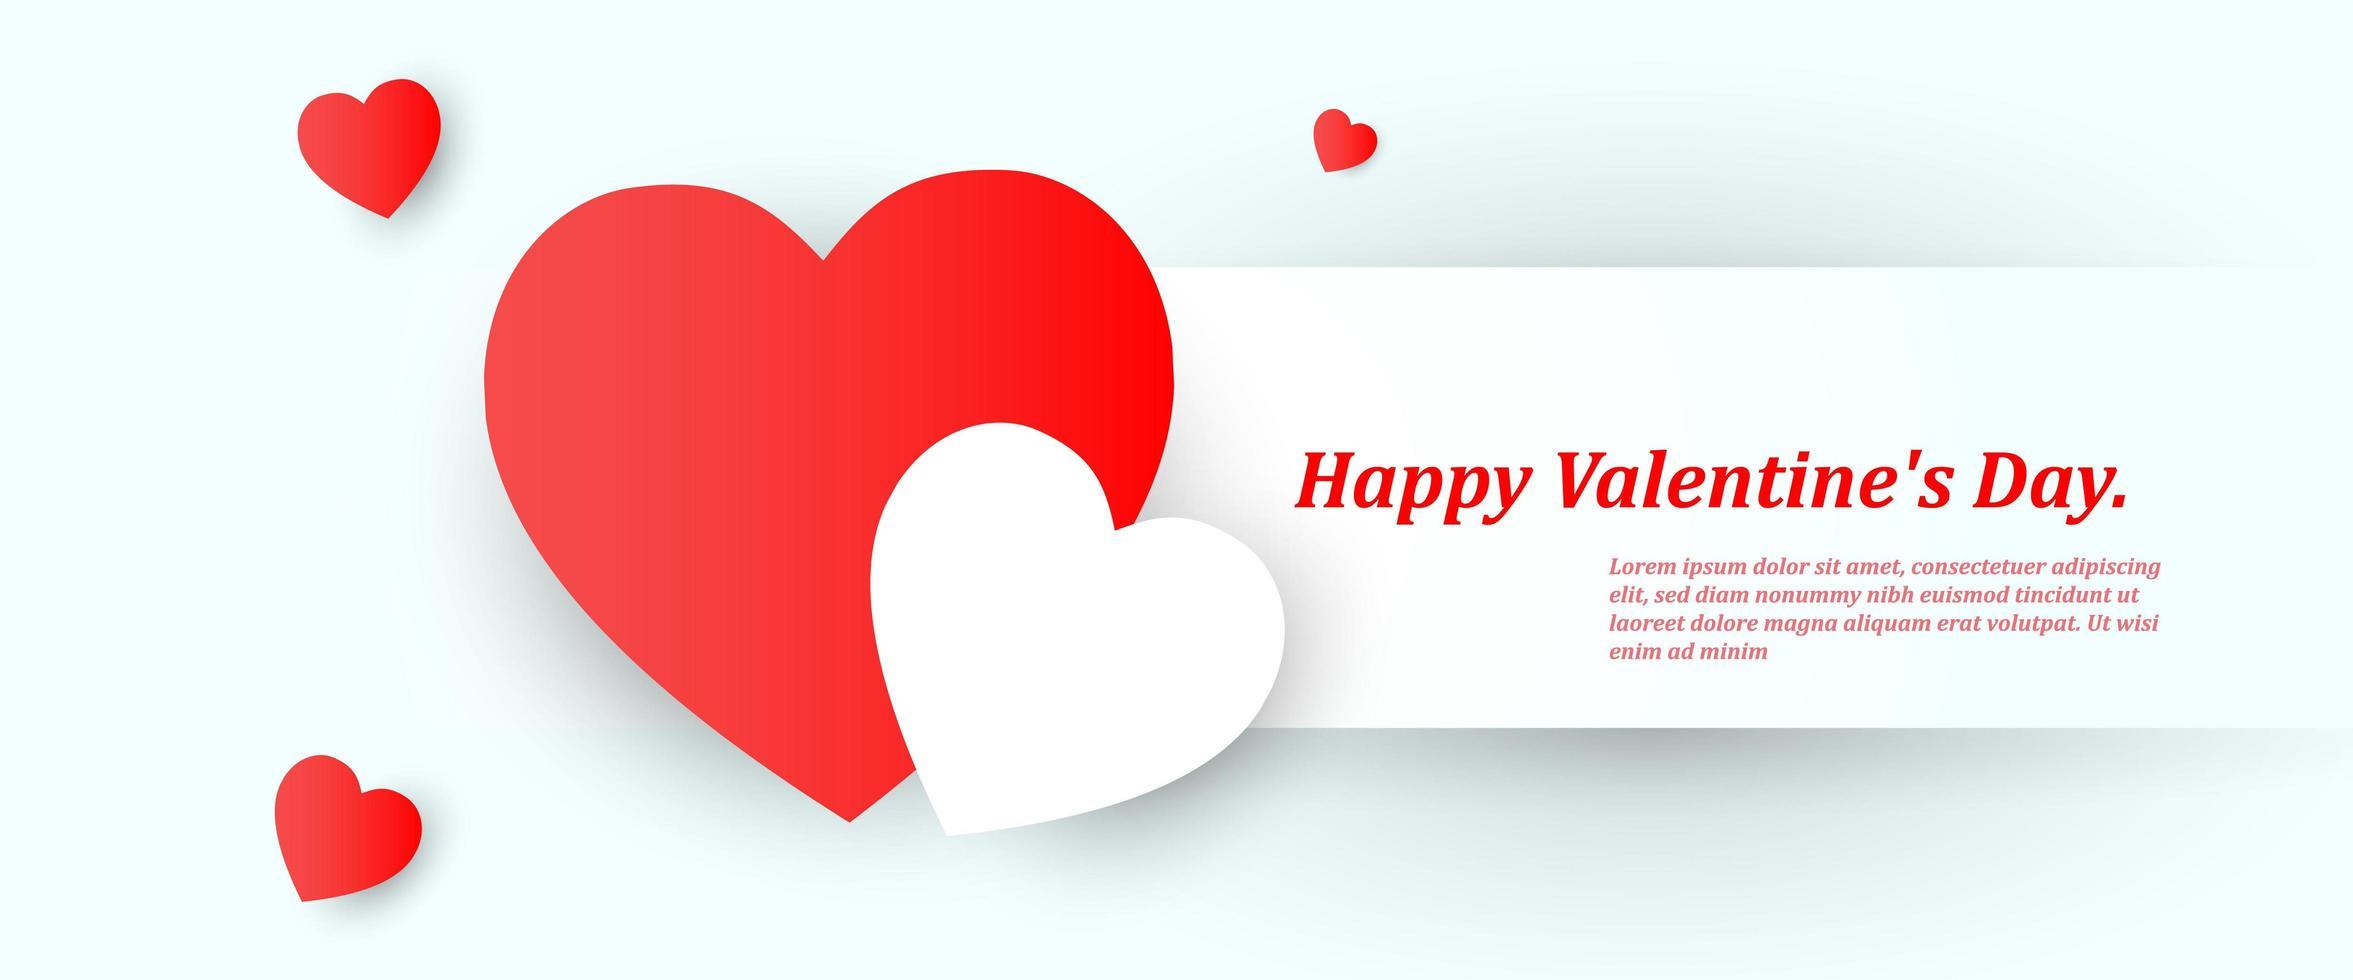 beau fond de saint valentin avec des coeurs rouges et blancs vecteur